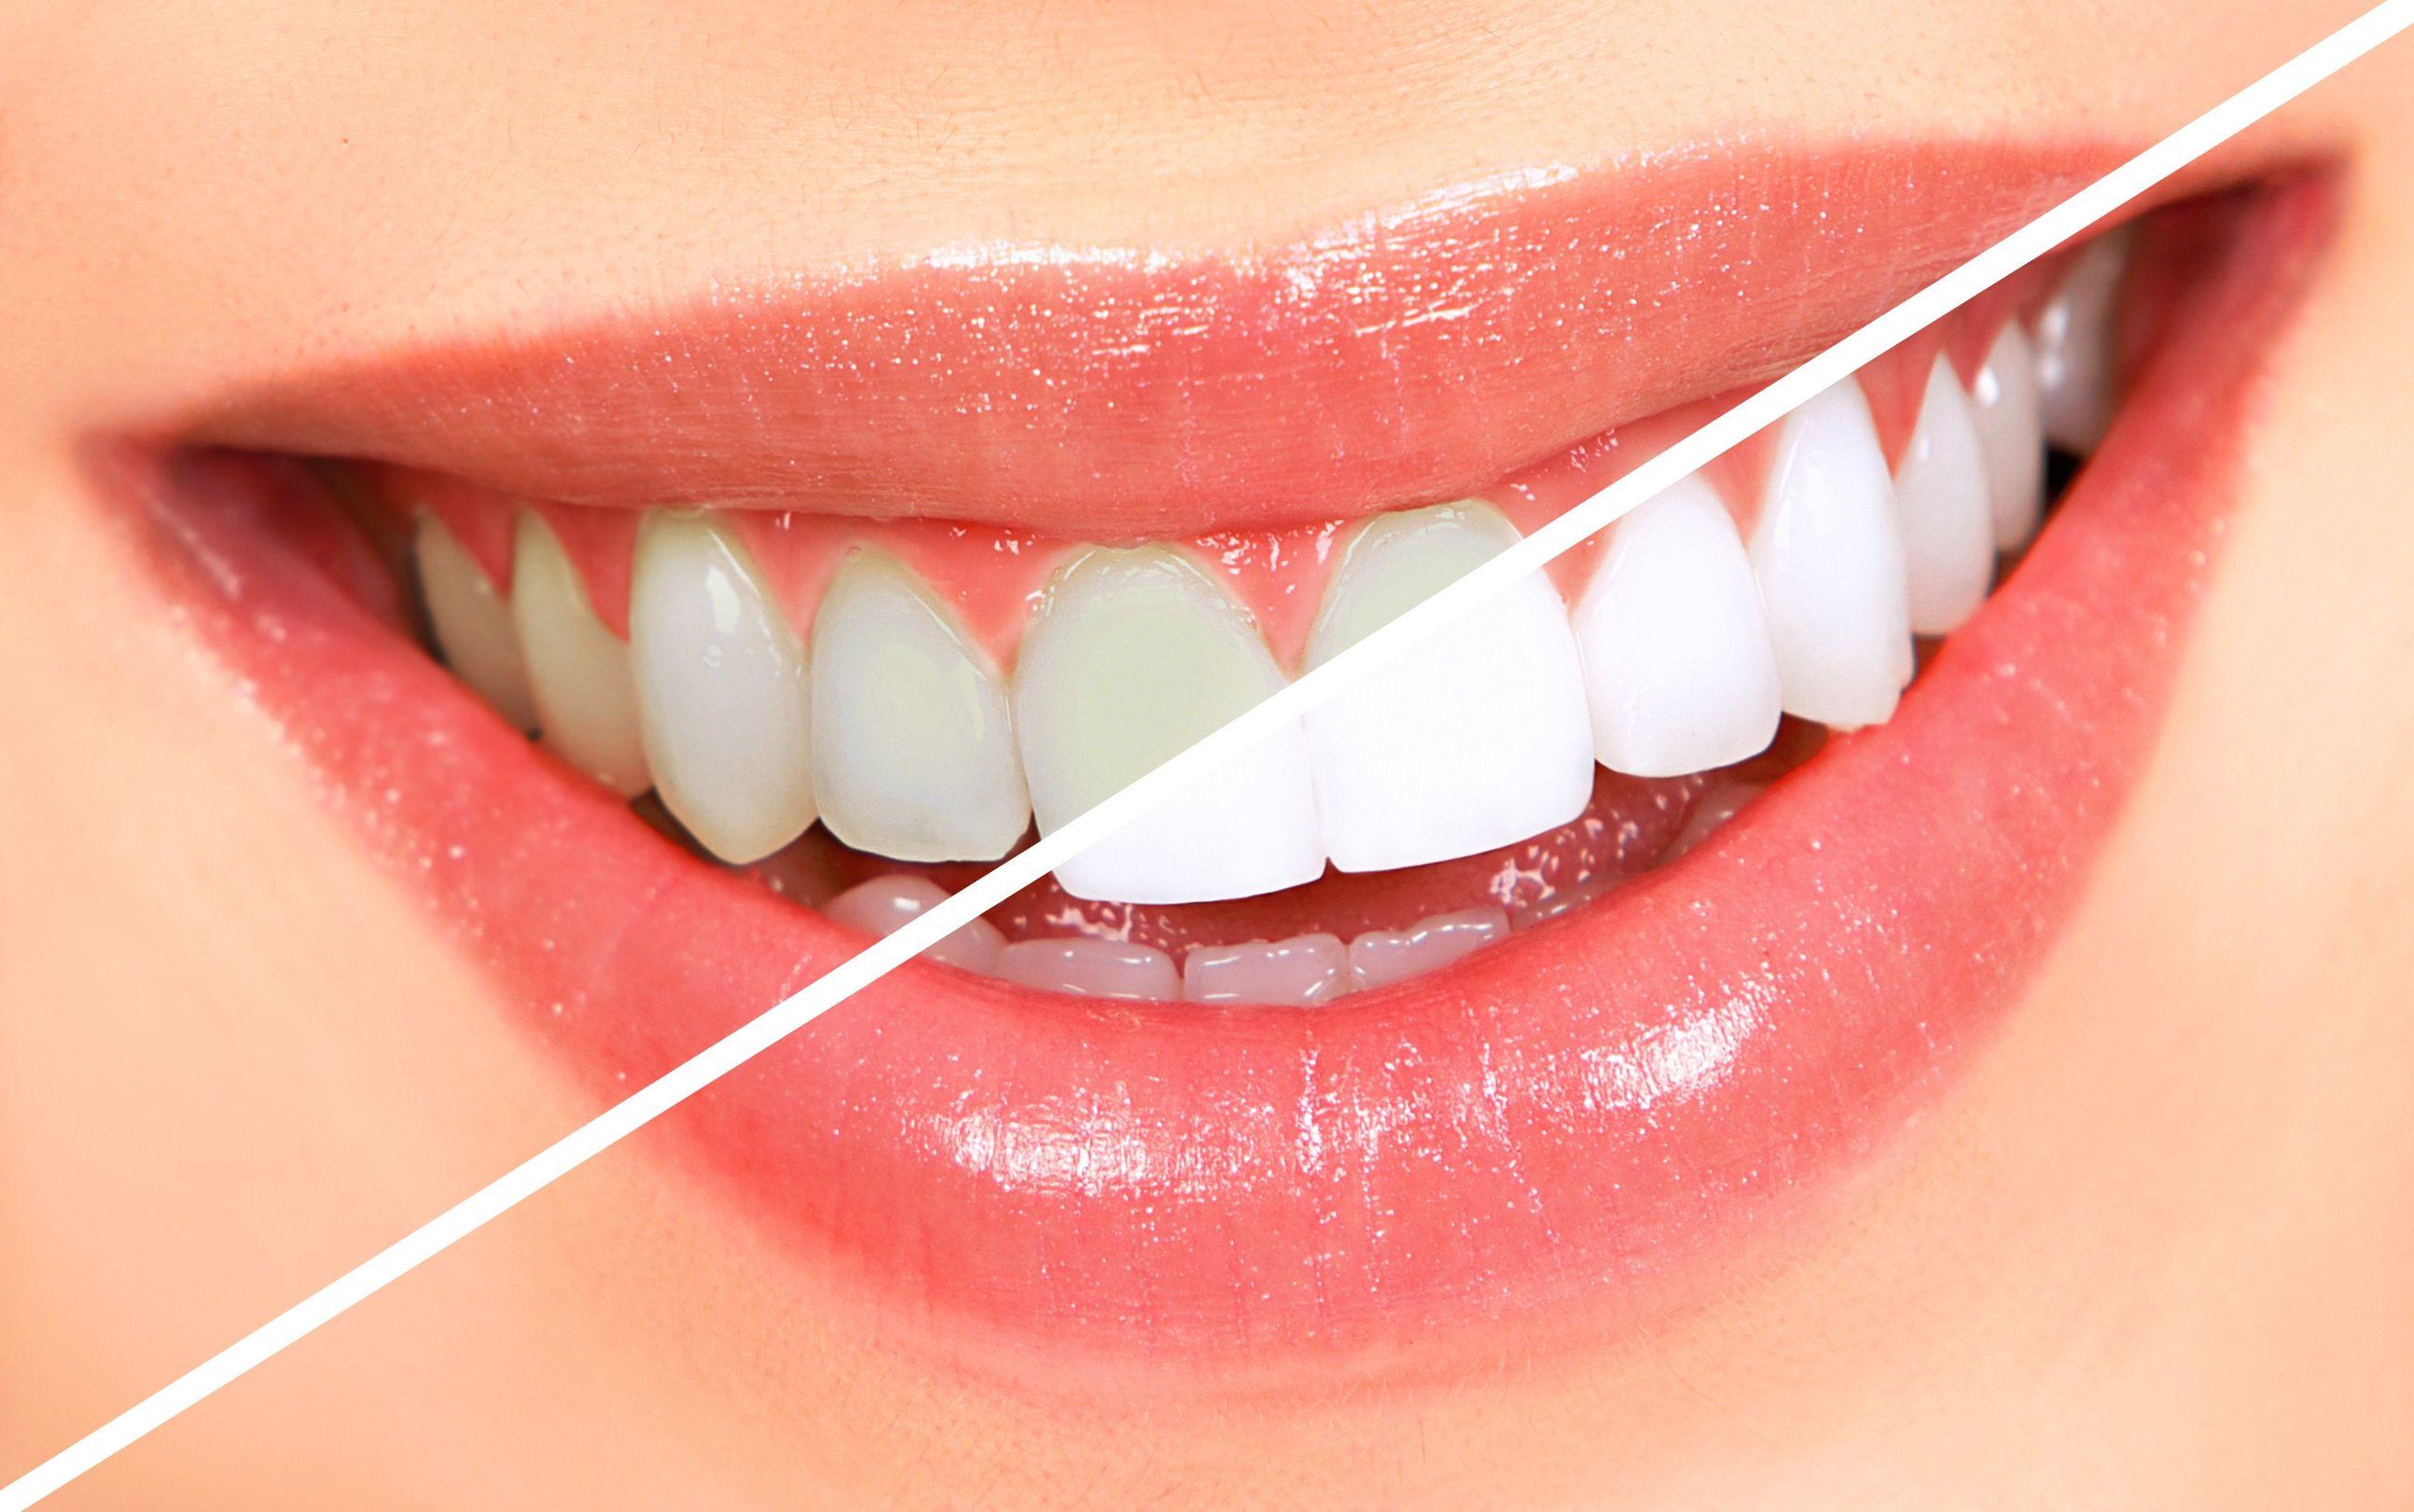 diş beyazlatma, diş beyazlatma işlemleri, diş beyazlatma sağlıklı mı